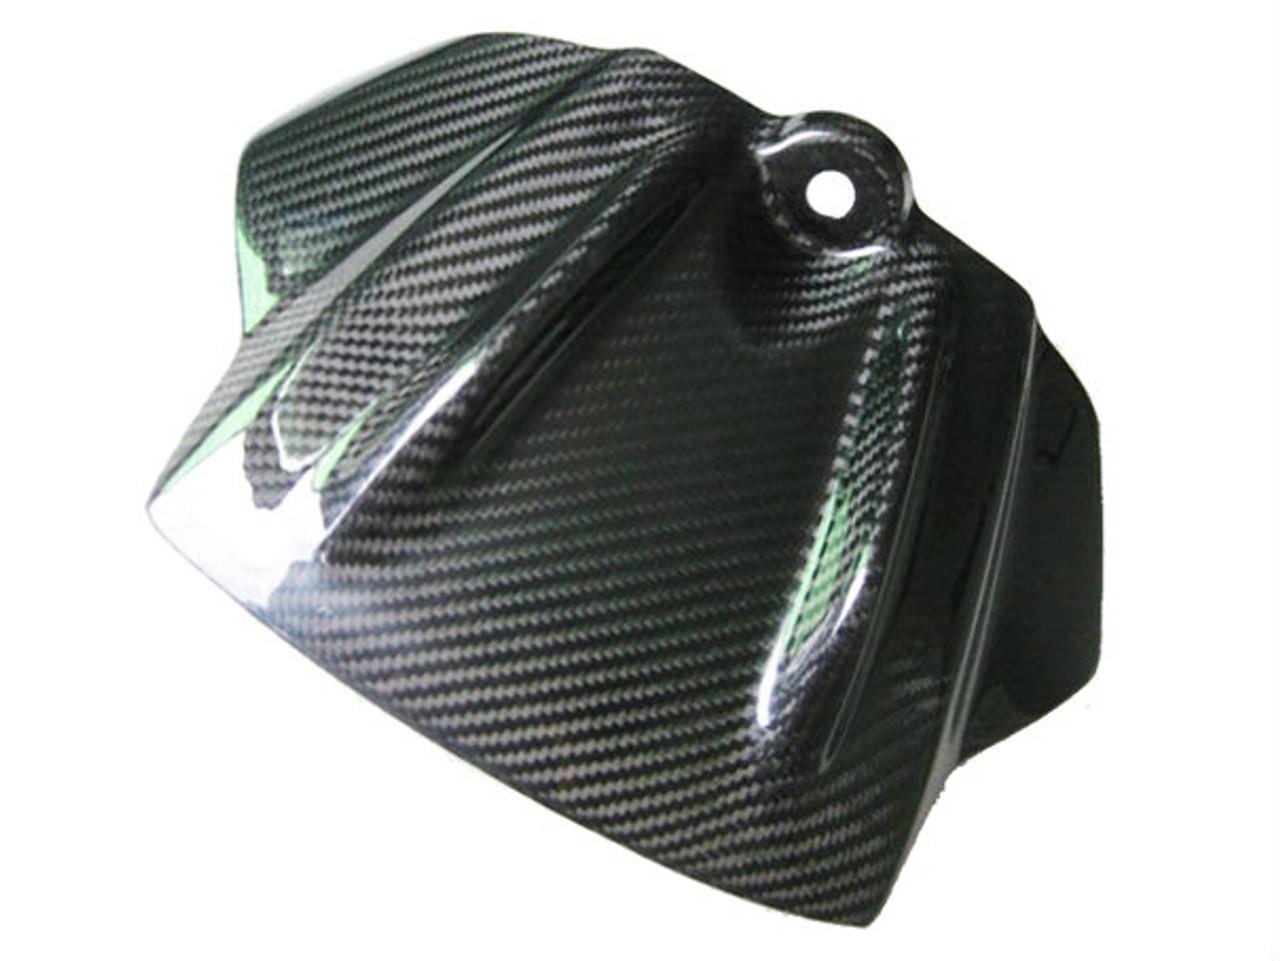 Glossy Twill Weave  Carbon Fiber Tank Front Cover for Aprilia RSV4 09-12, Tuono V4 11-13